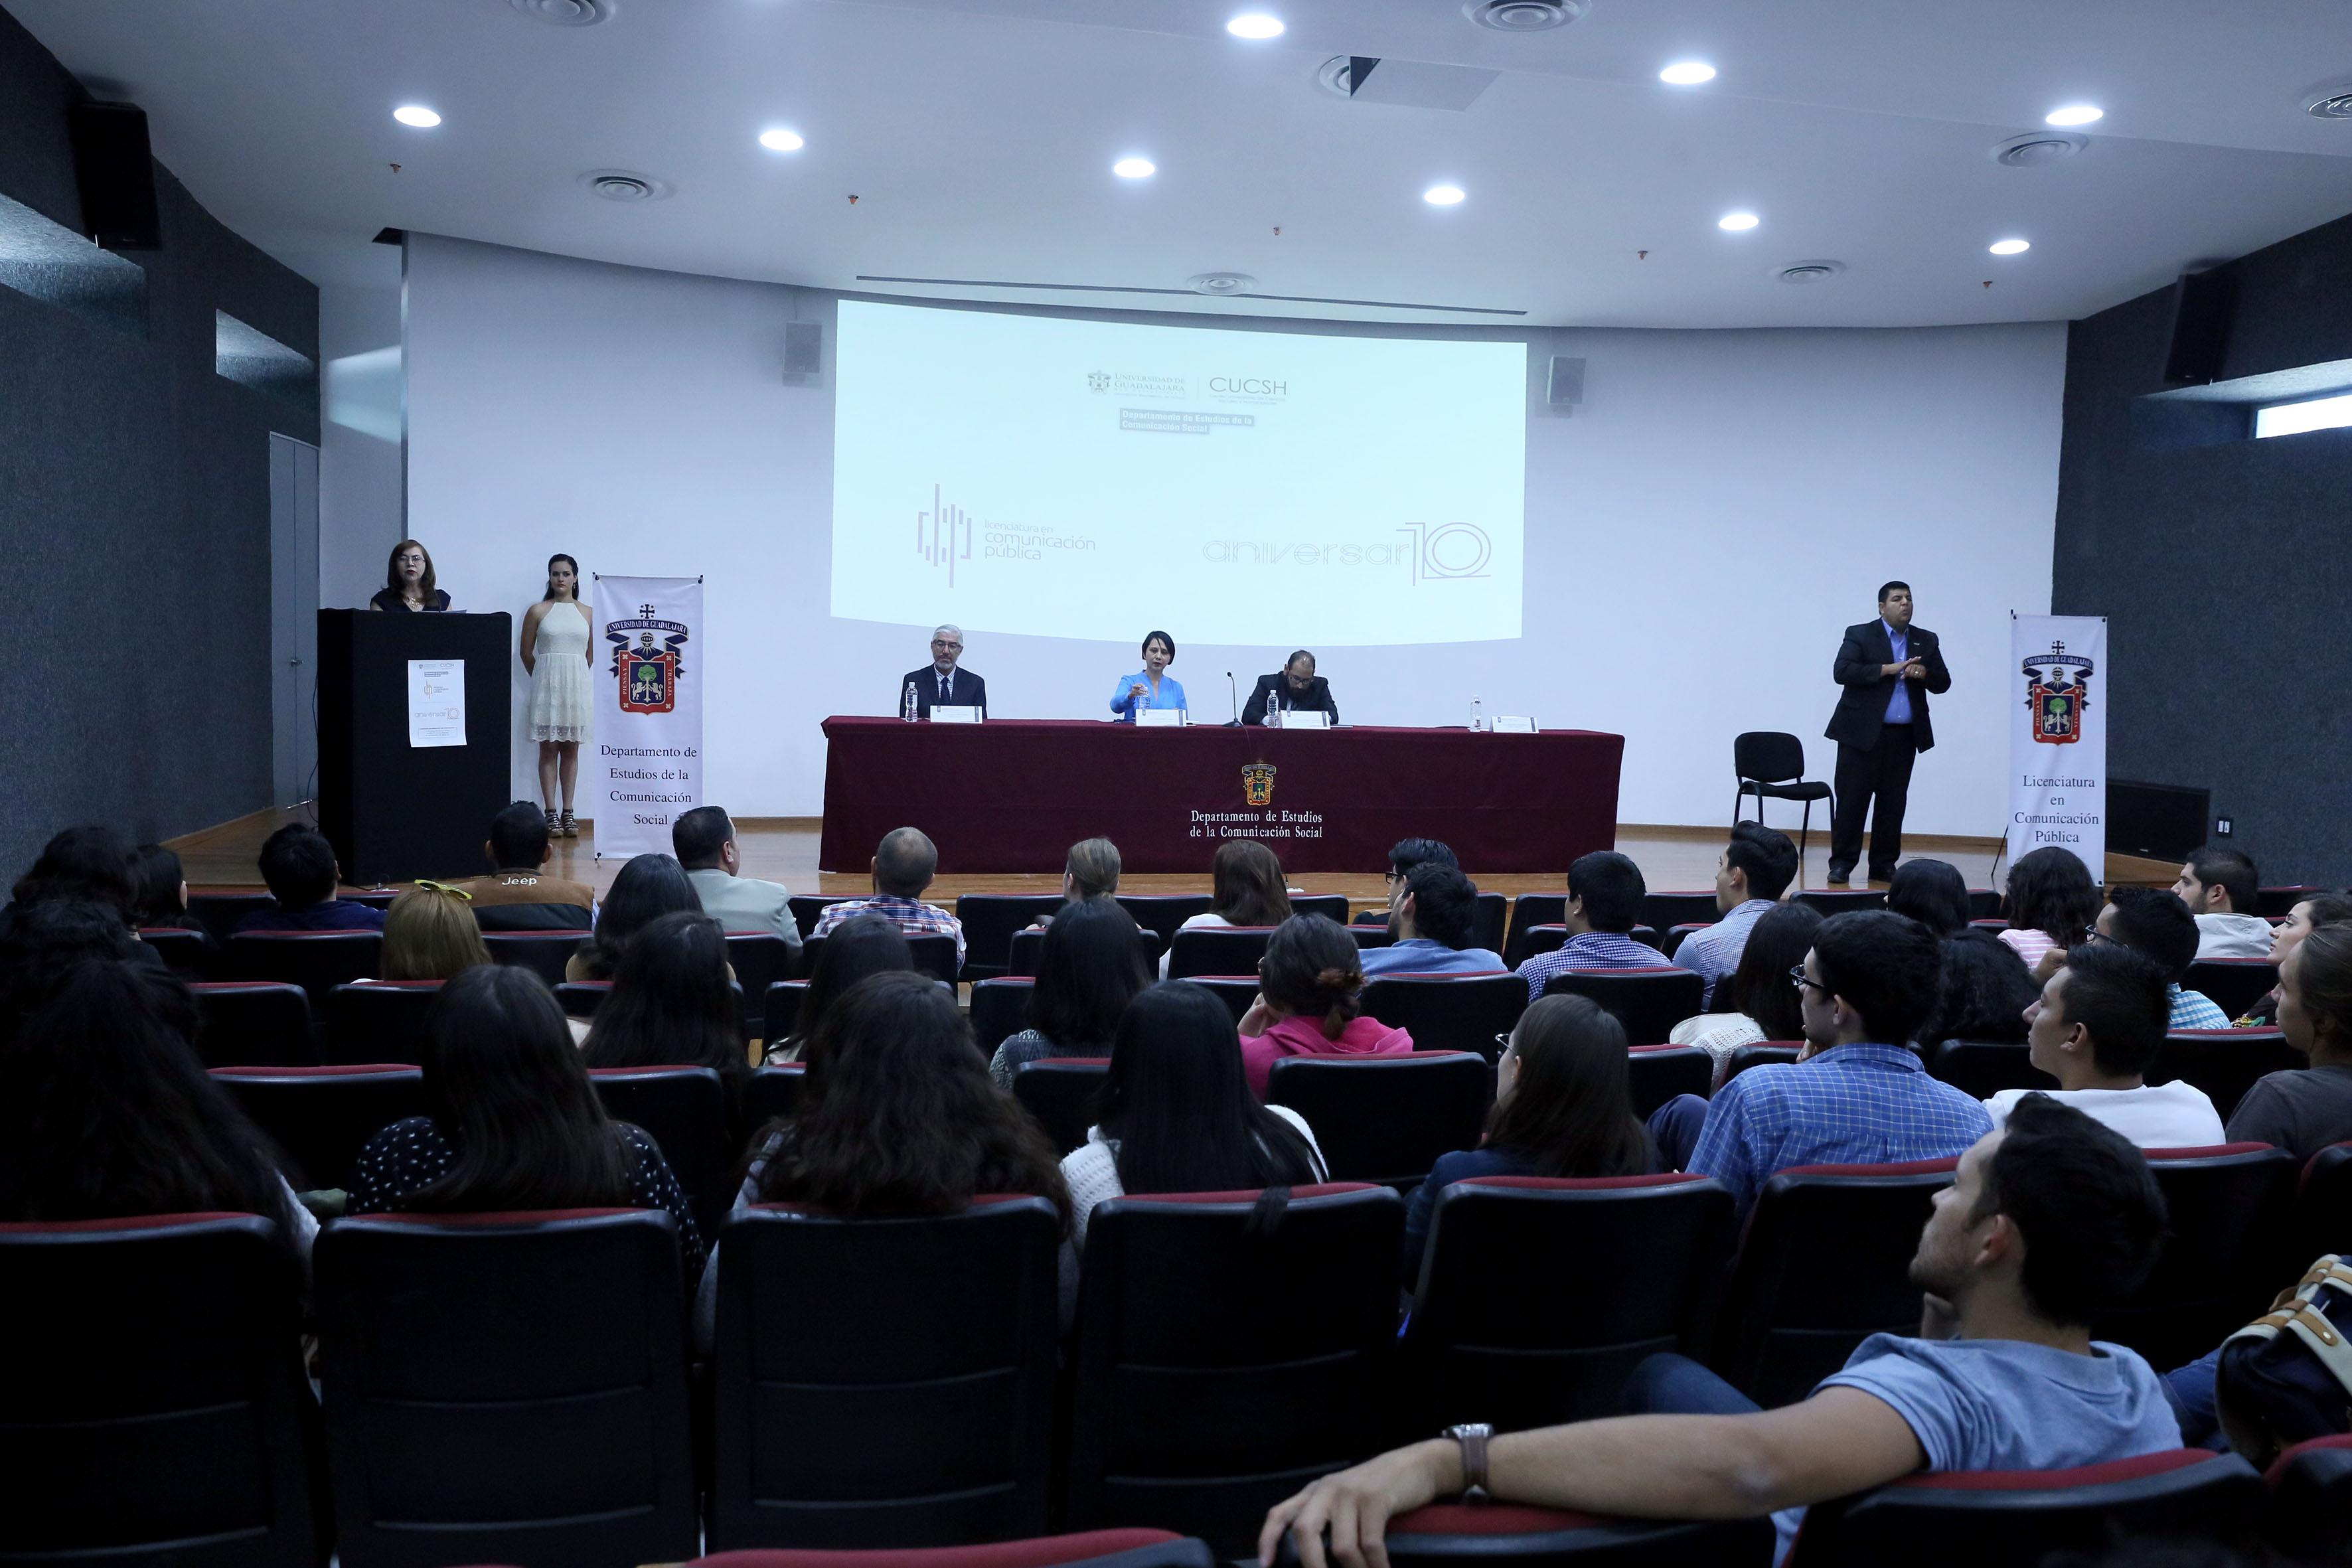 Conmemoración del décimo aniversario de la licenciatura en Comunicación Pública de la Universidad de Guadalajara (UdeG